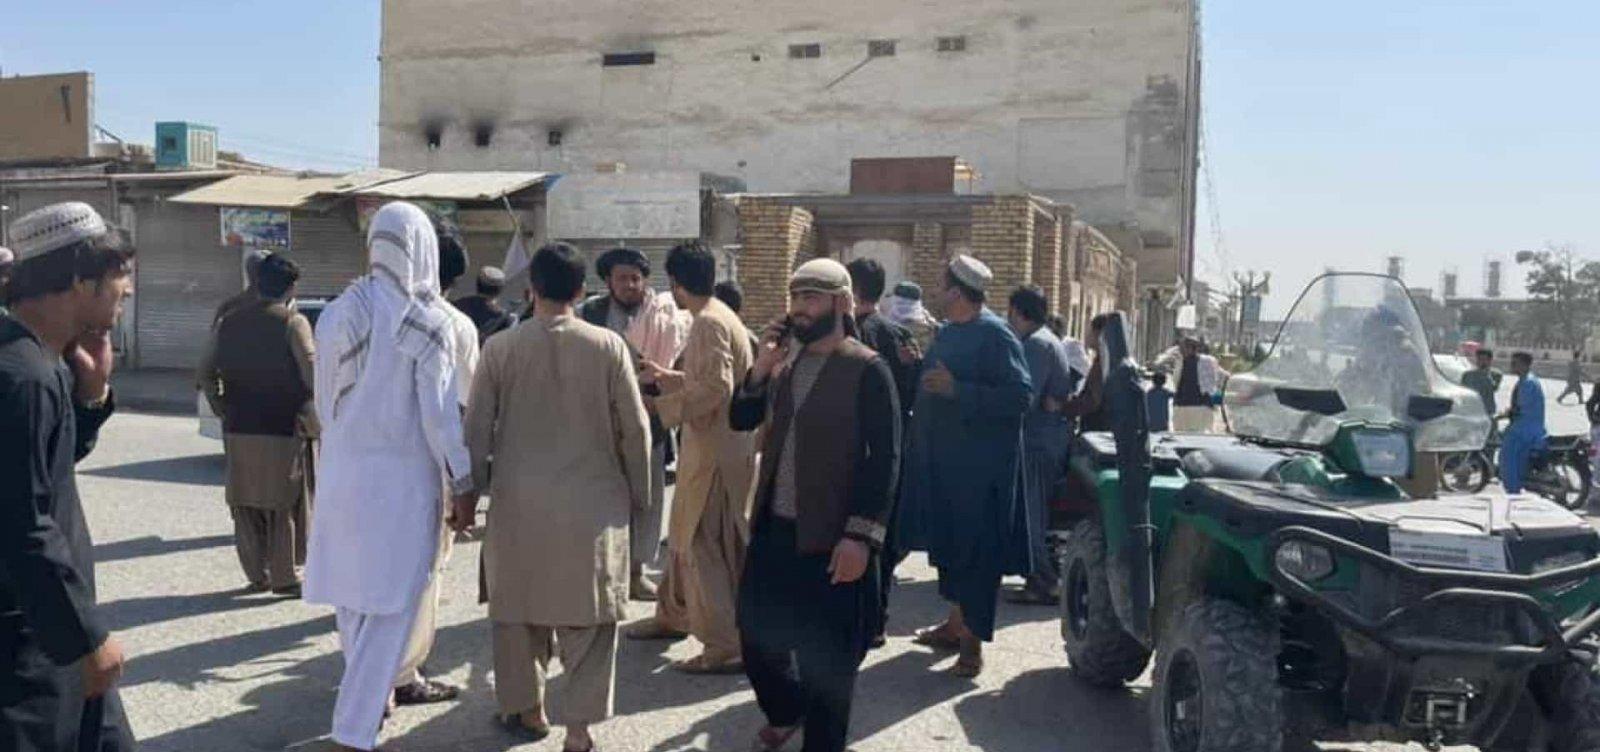 Nova explosão em mesquita xiita no Afeganistão deixa ao menos sete mortos